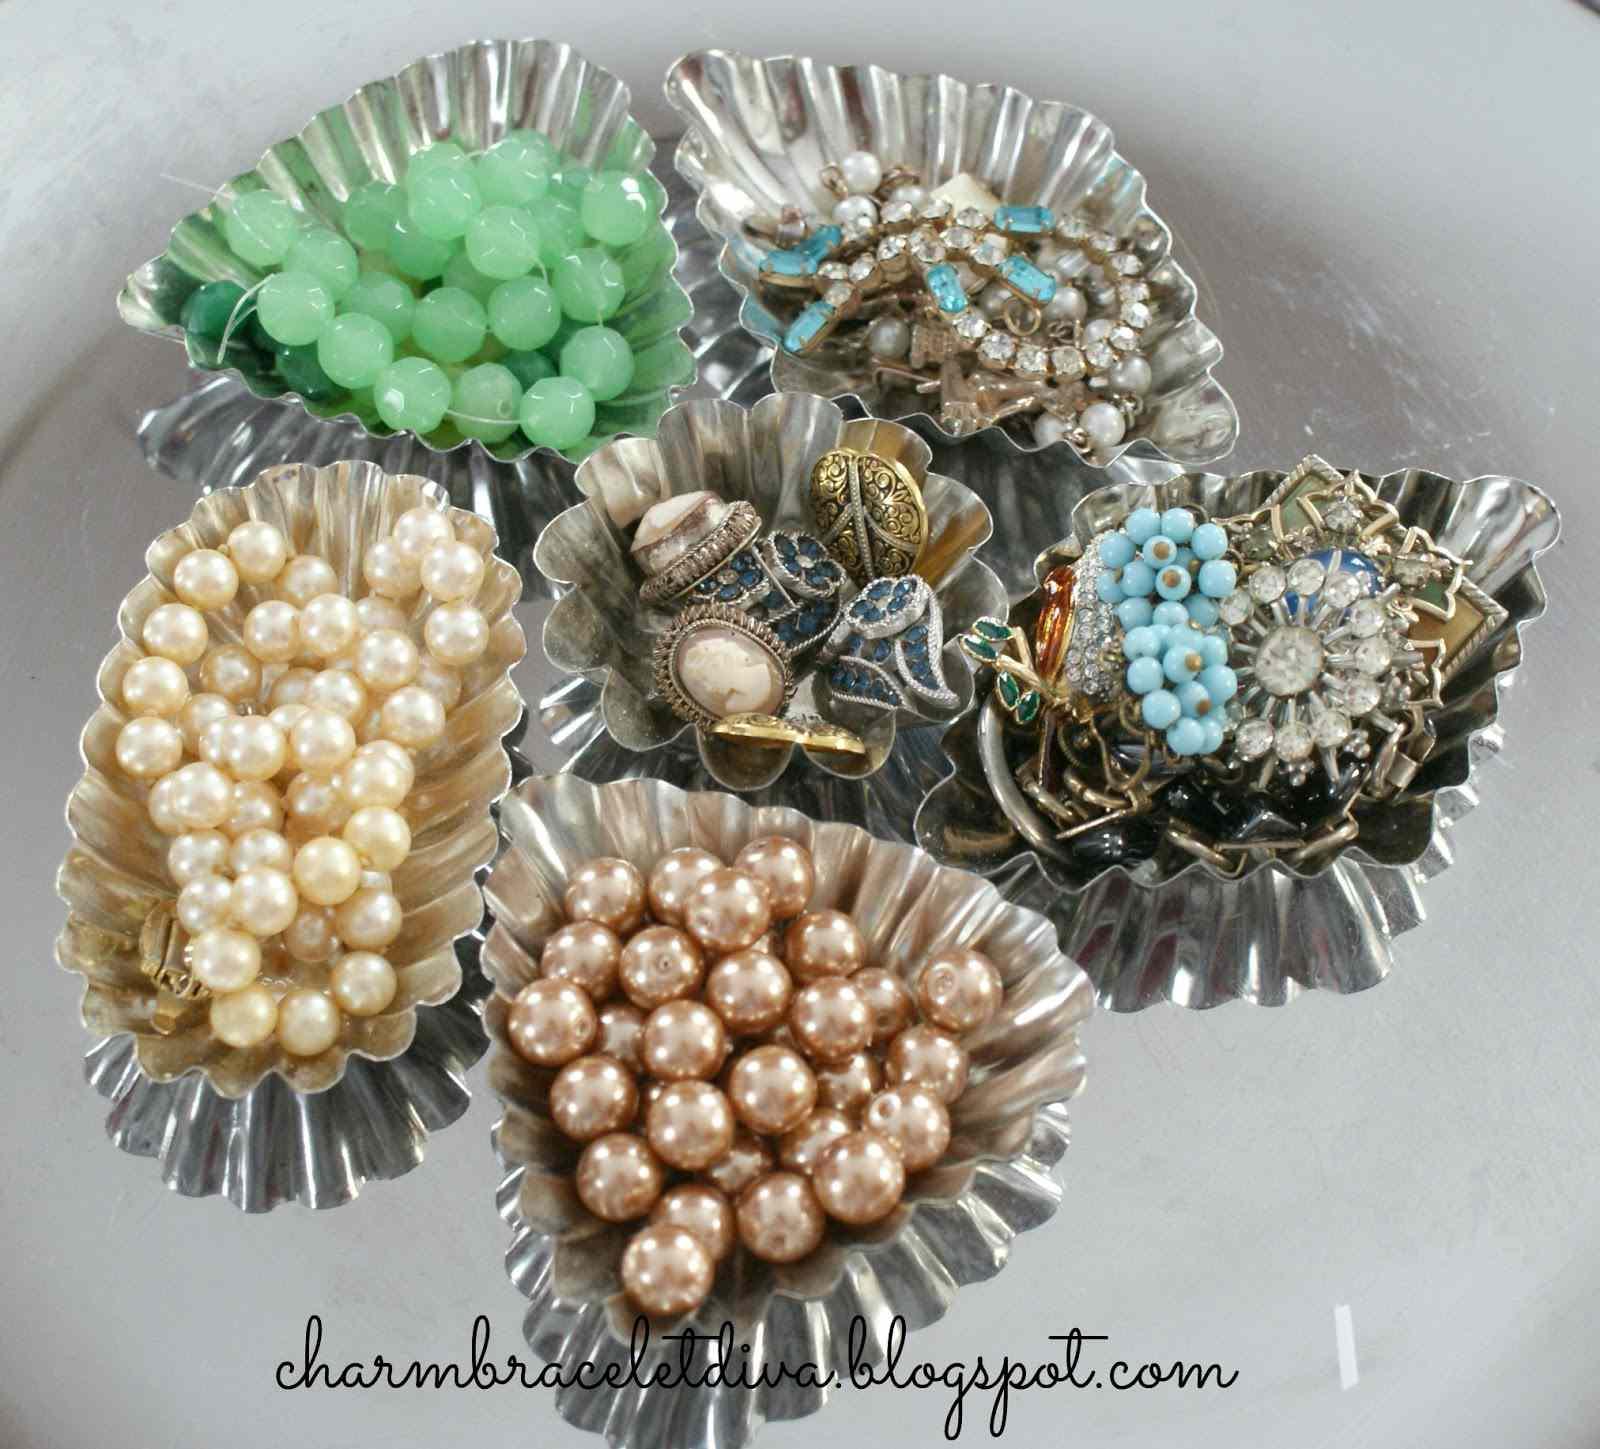 10 Vintage Jewelry Display Ideas